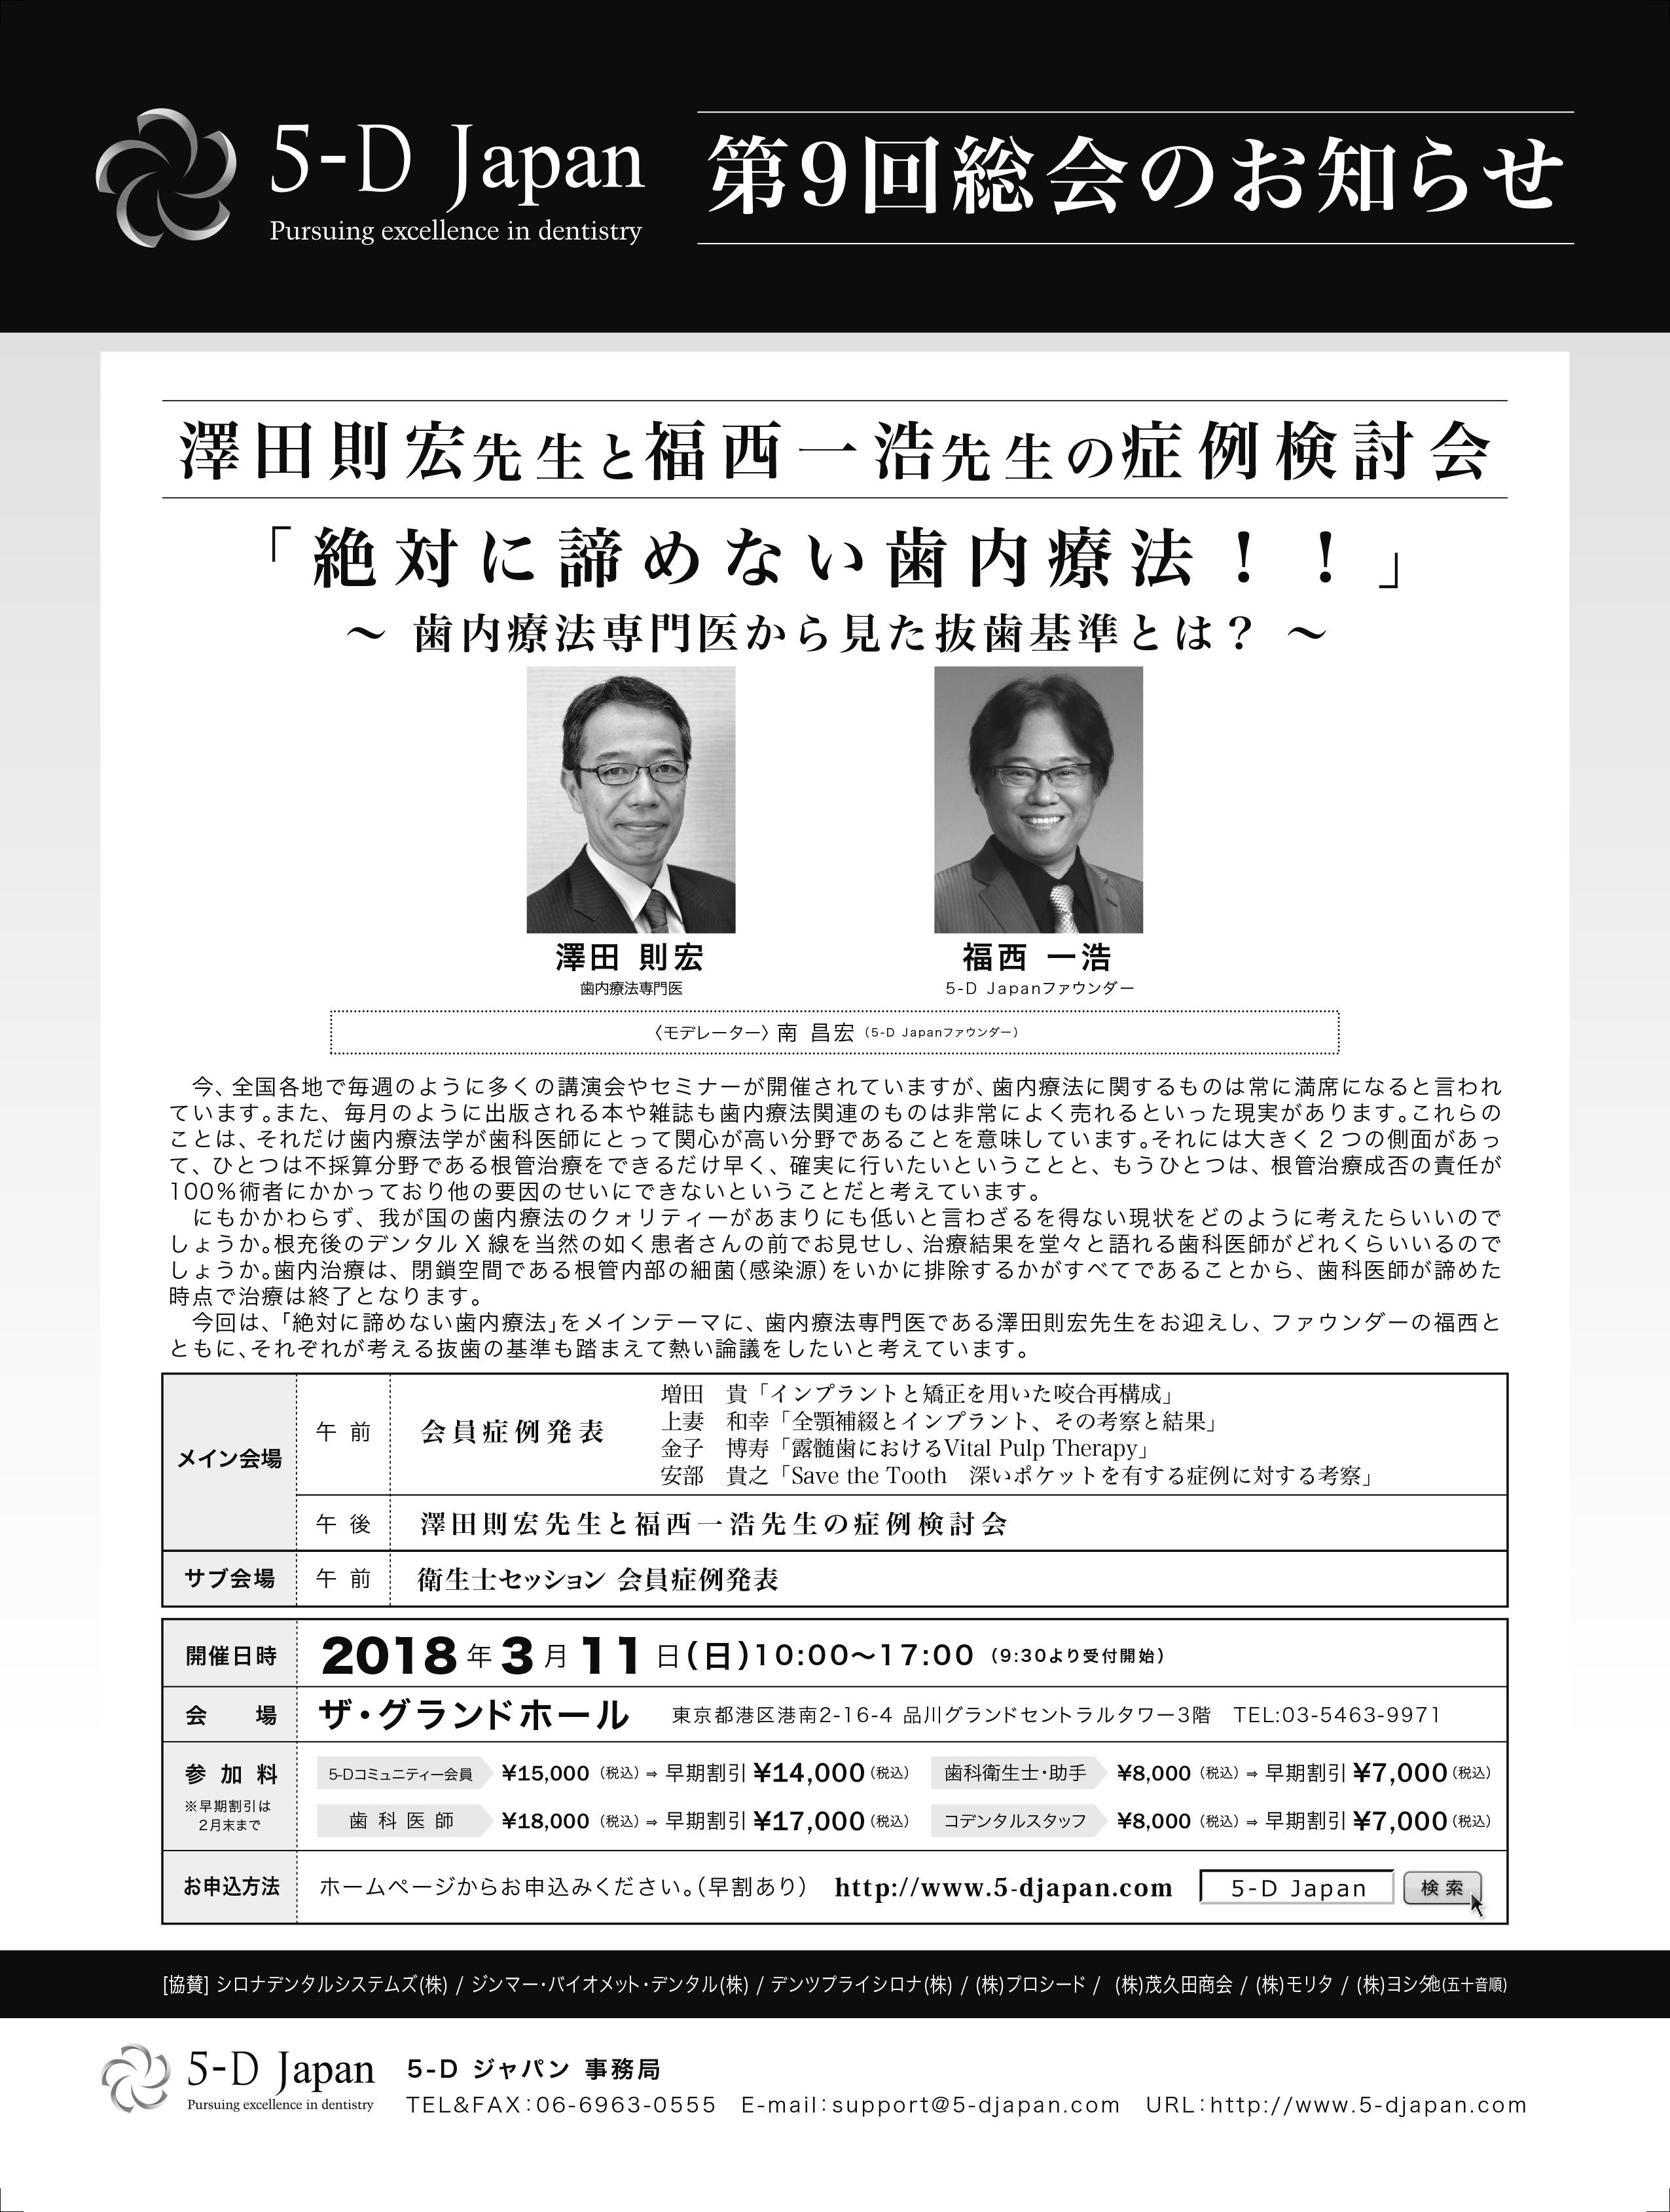 5-D Japan 第9回総会のお知らせ